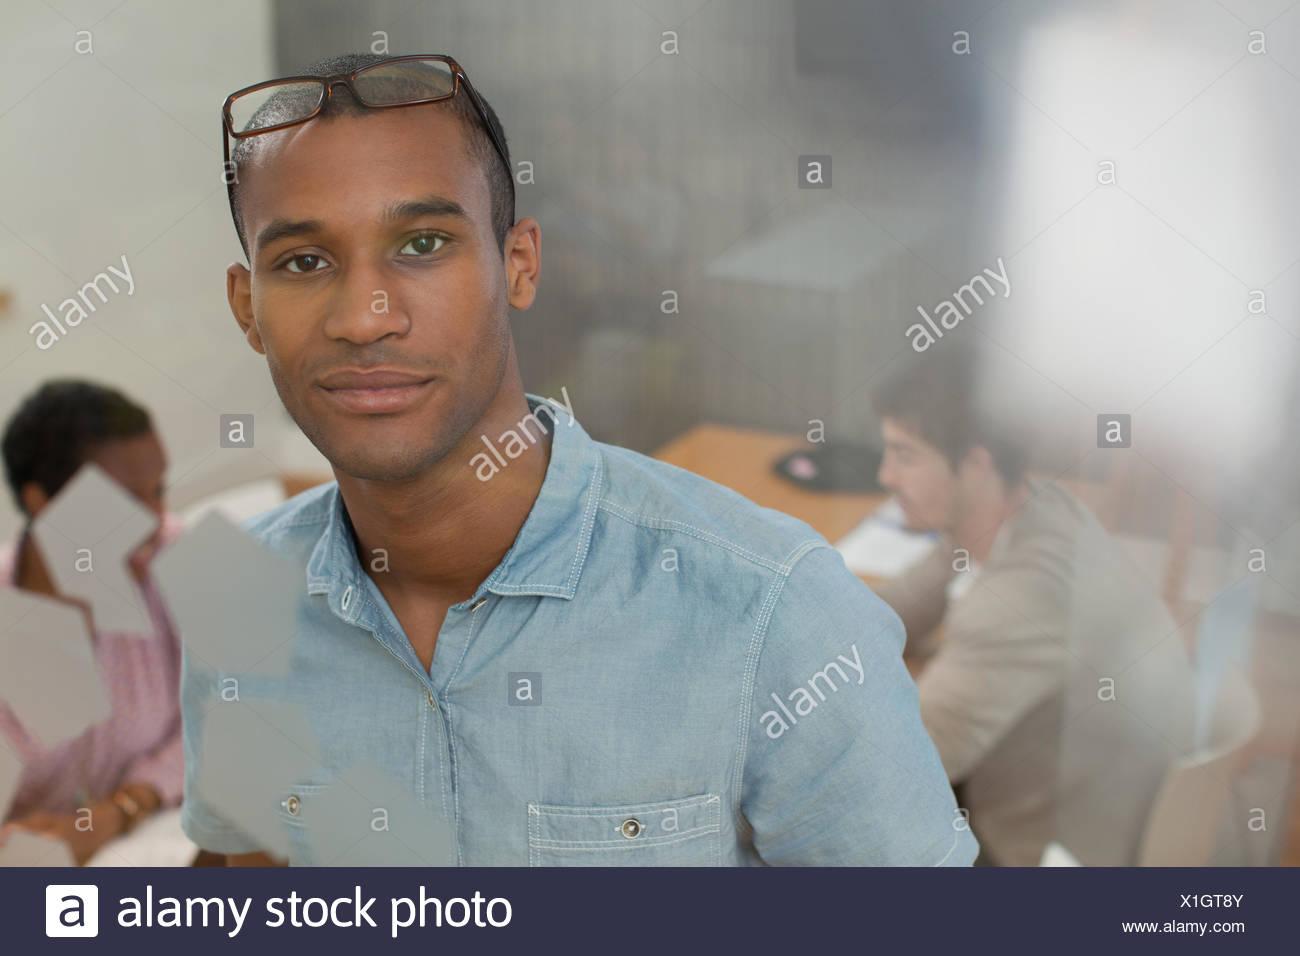 Ritratto di imprenditore fiducioso nella sala conferenze Immagini Stock